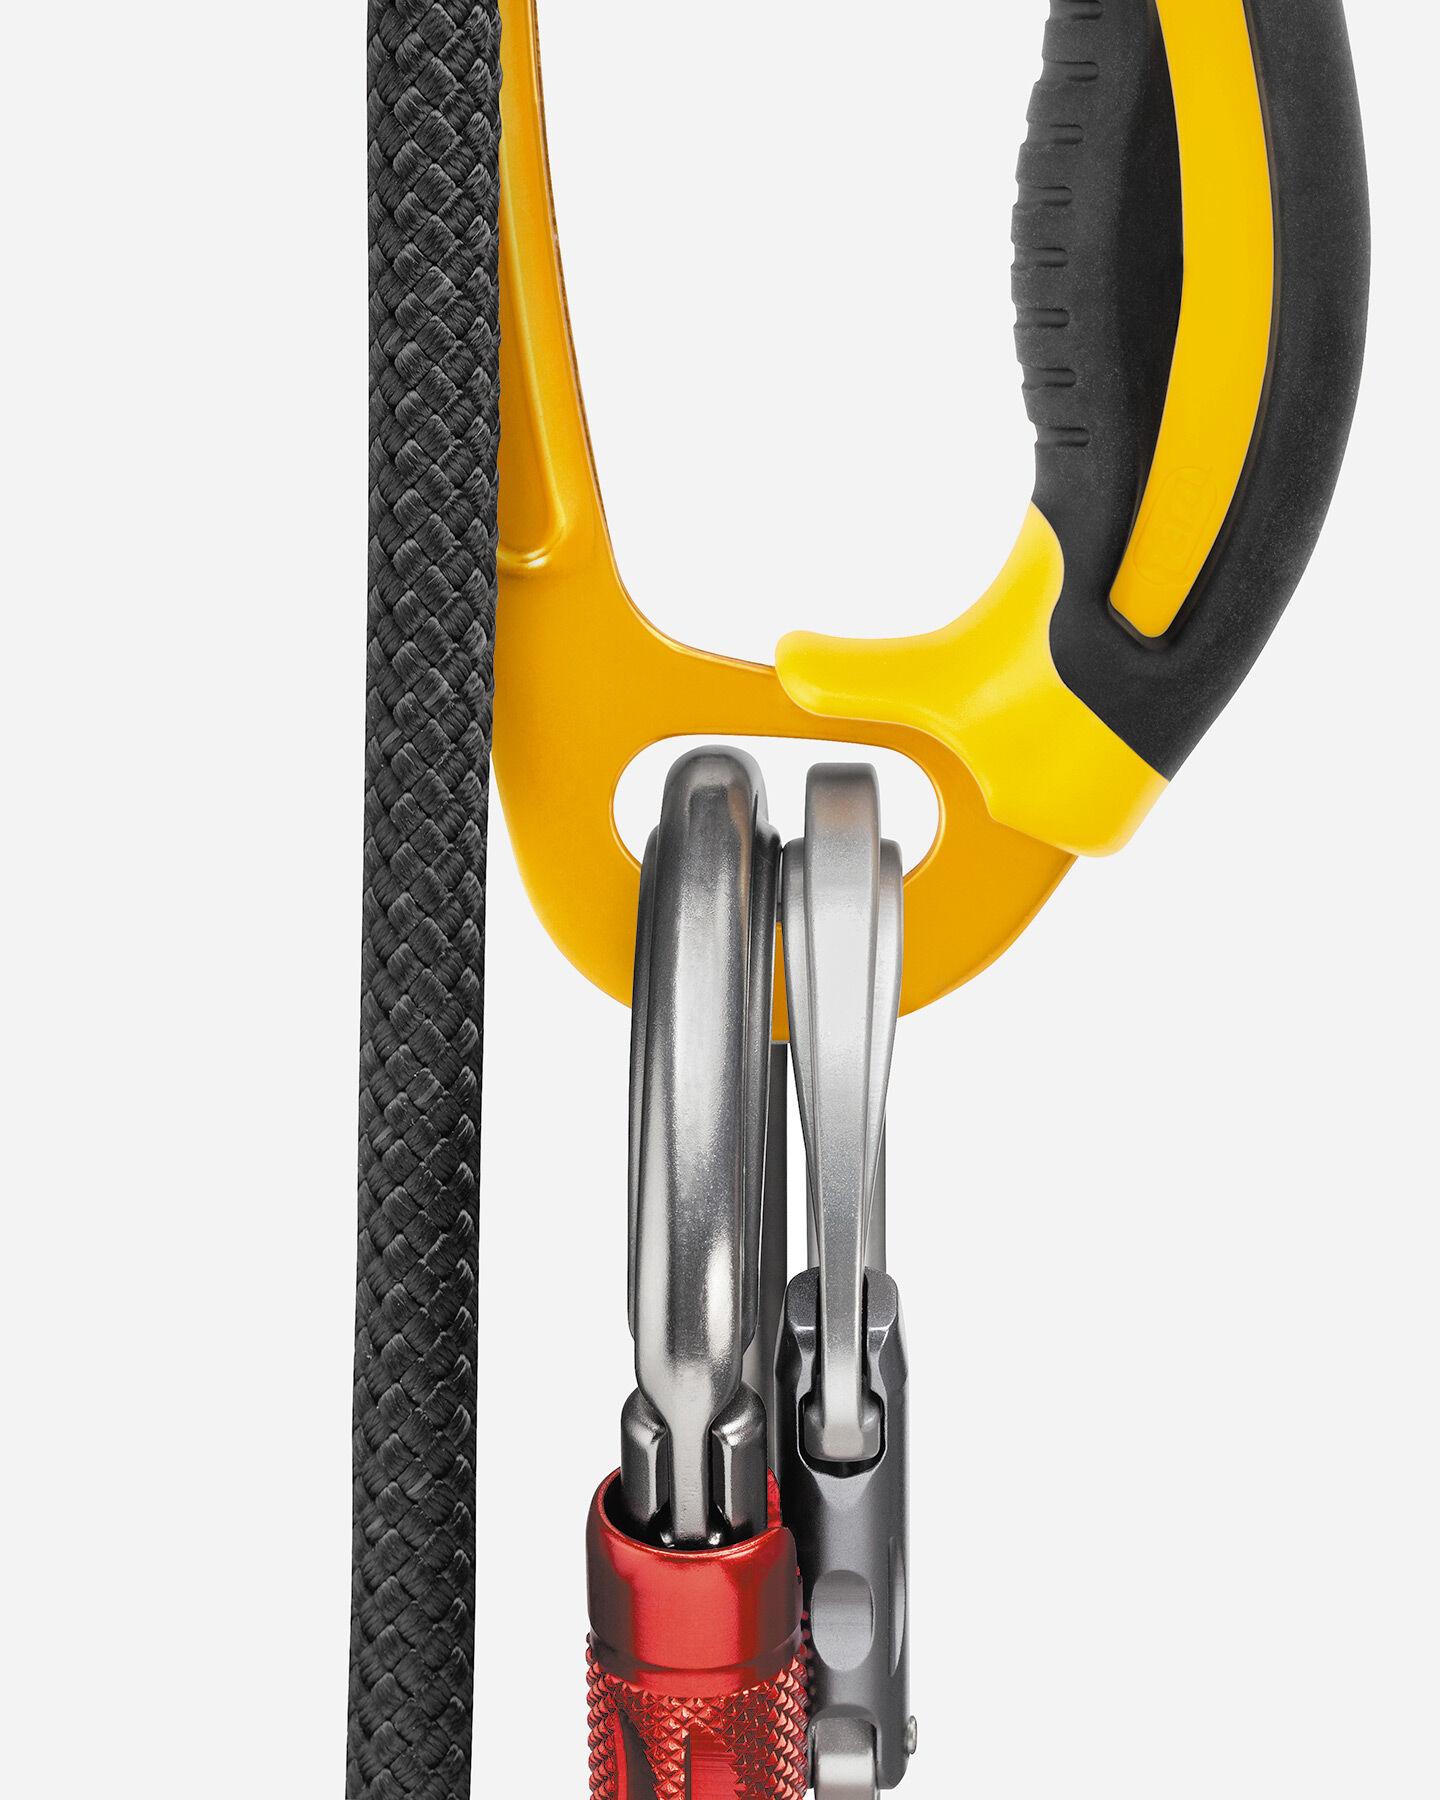 Accessorio arrampicata PETZL MANIGLIA PETZL ASCENSION DX B17ARA S1147024|9999|UNI scatto 4